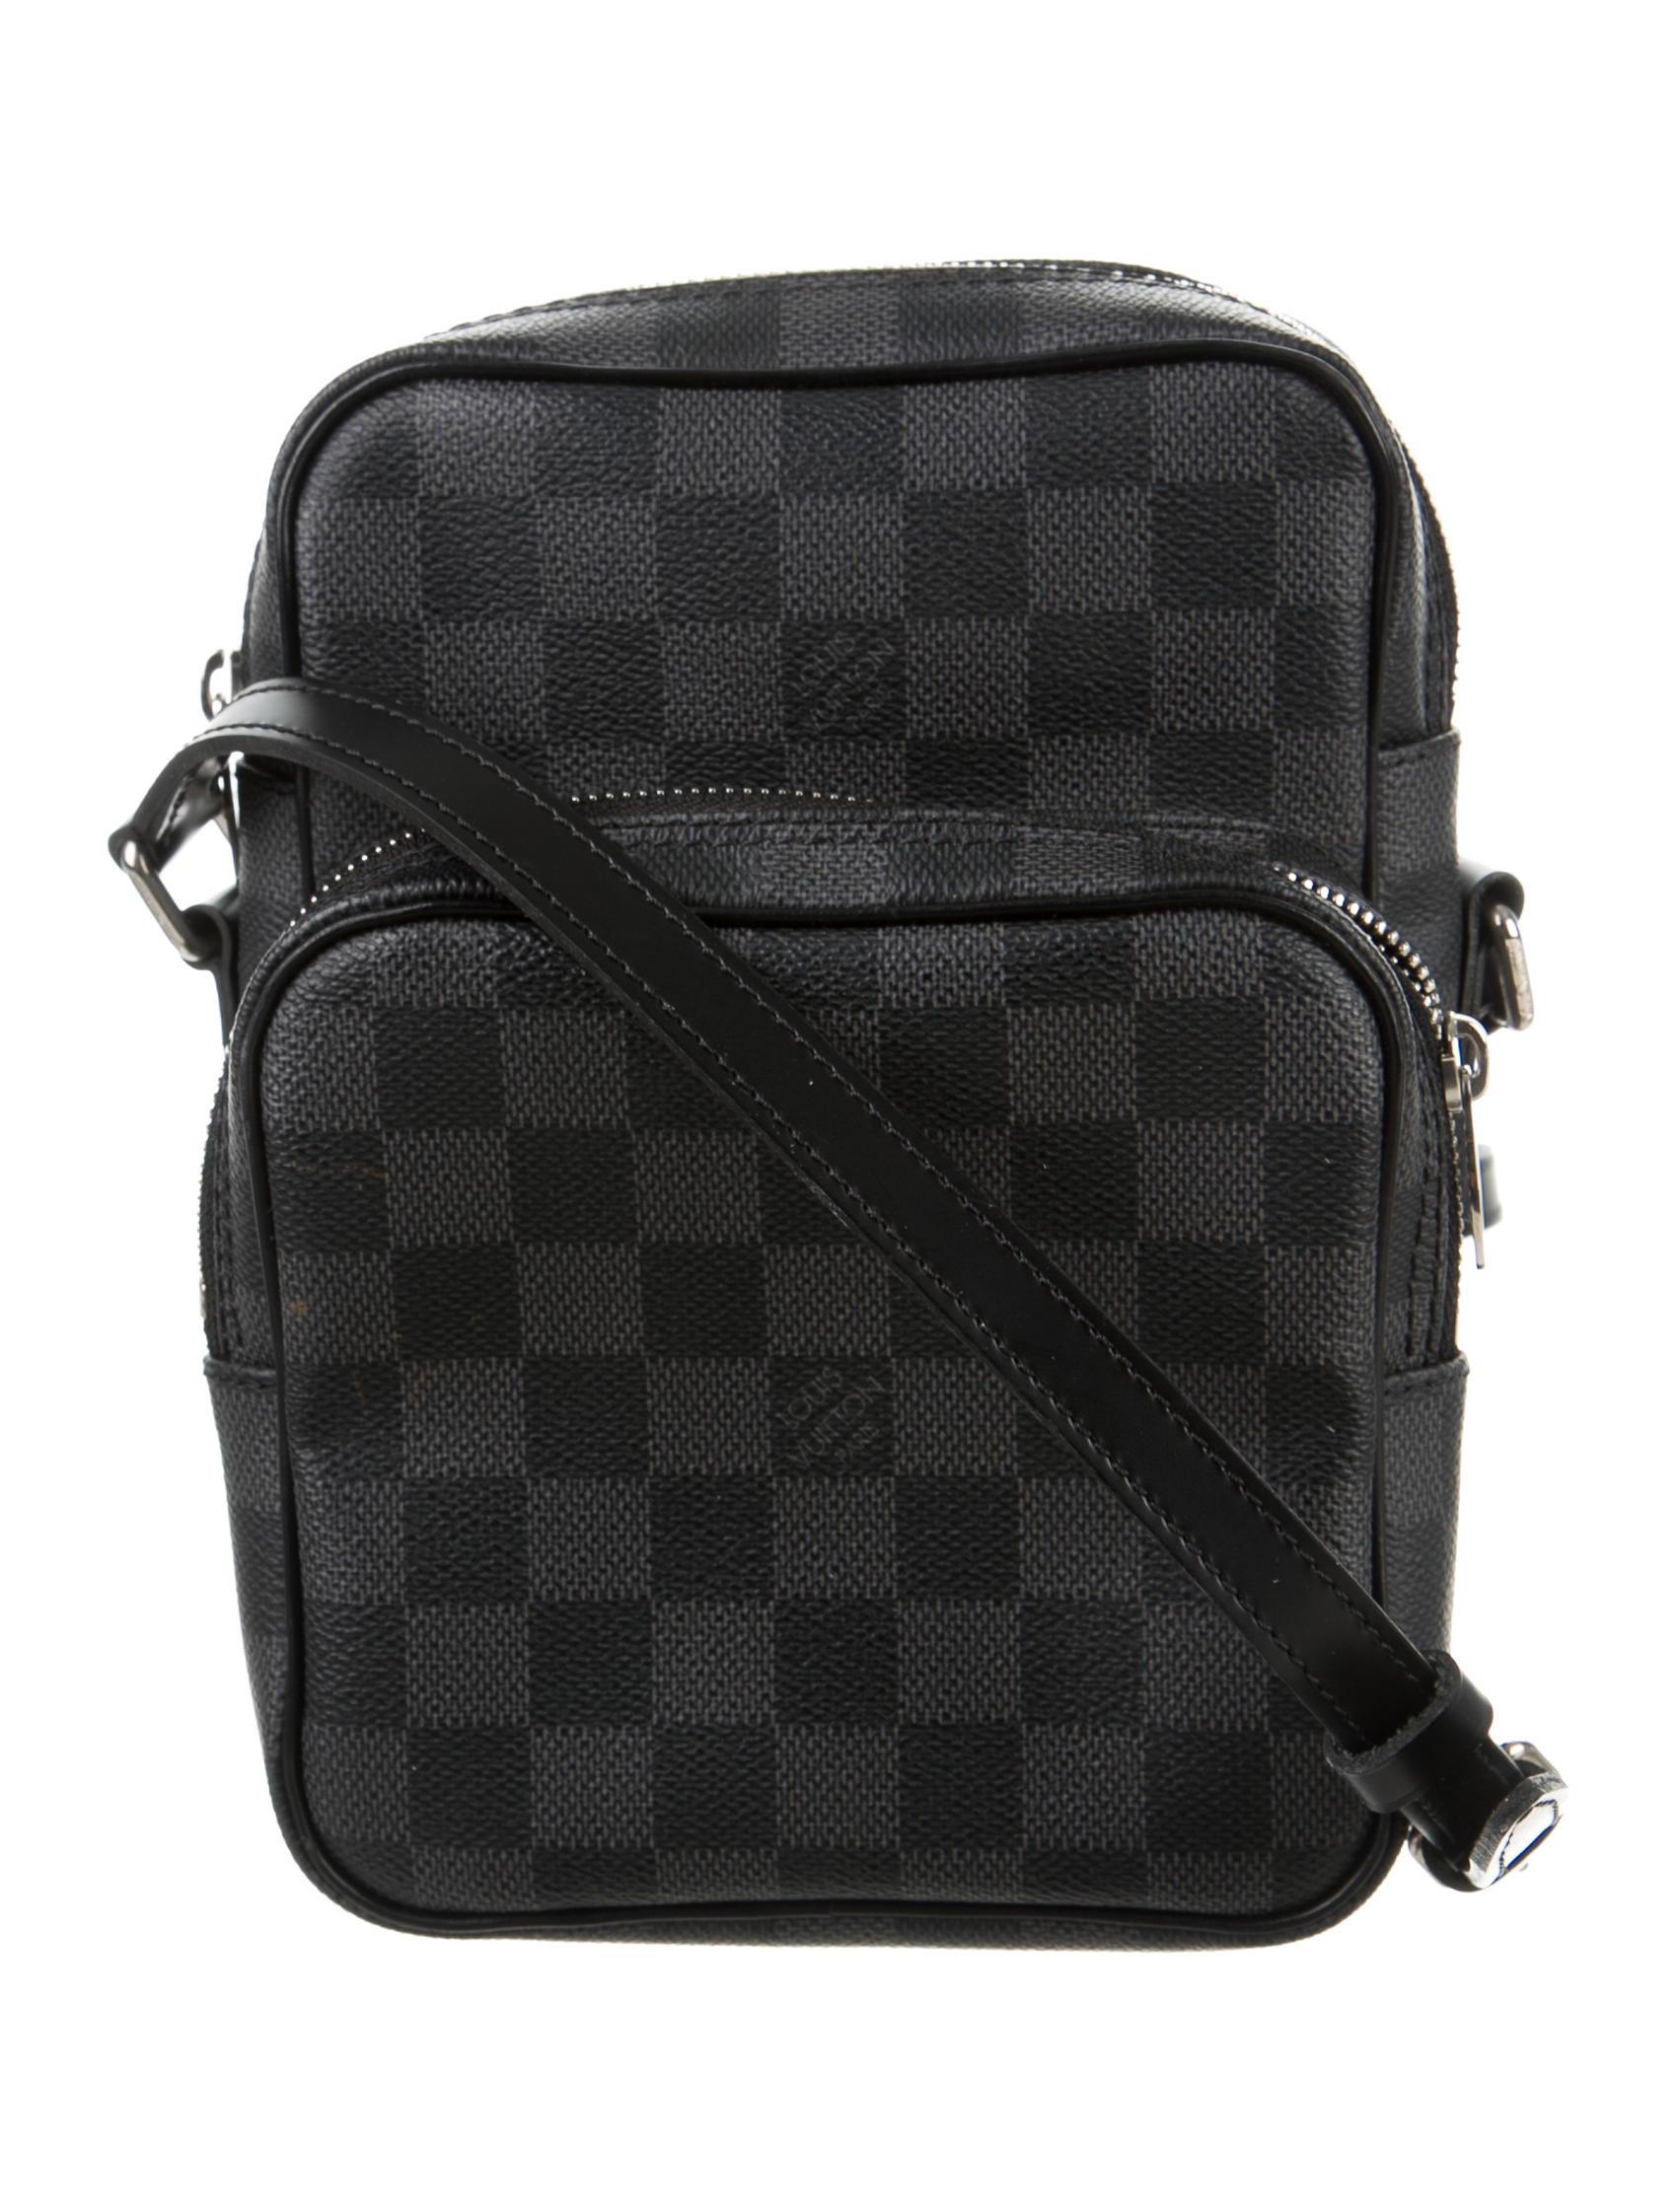 Louis Vuitton Damier Graphite Rem Crossbody - Bags - LOU79903   The ... f12247bd12